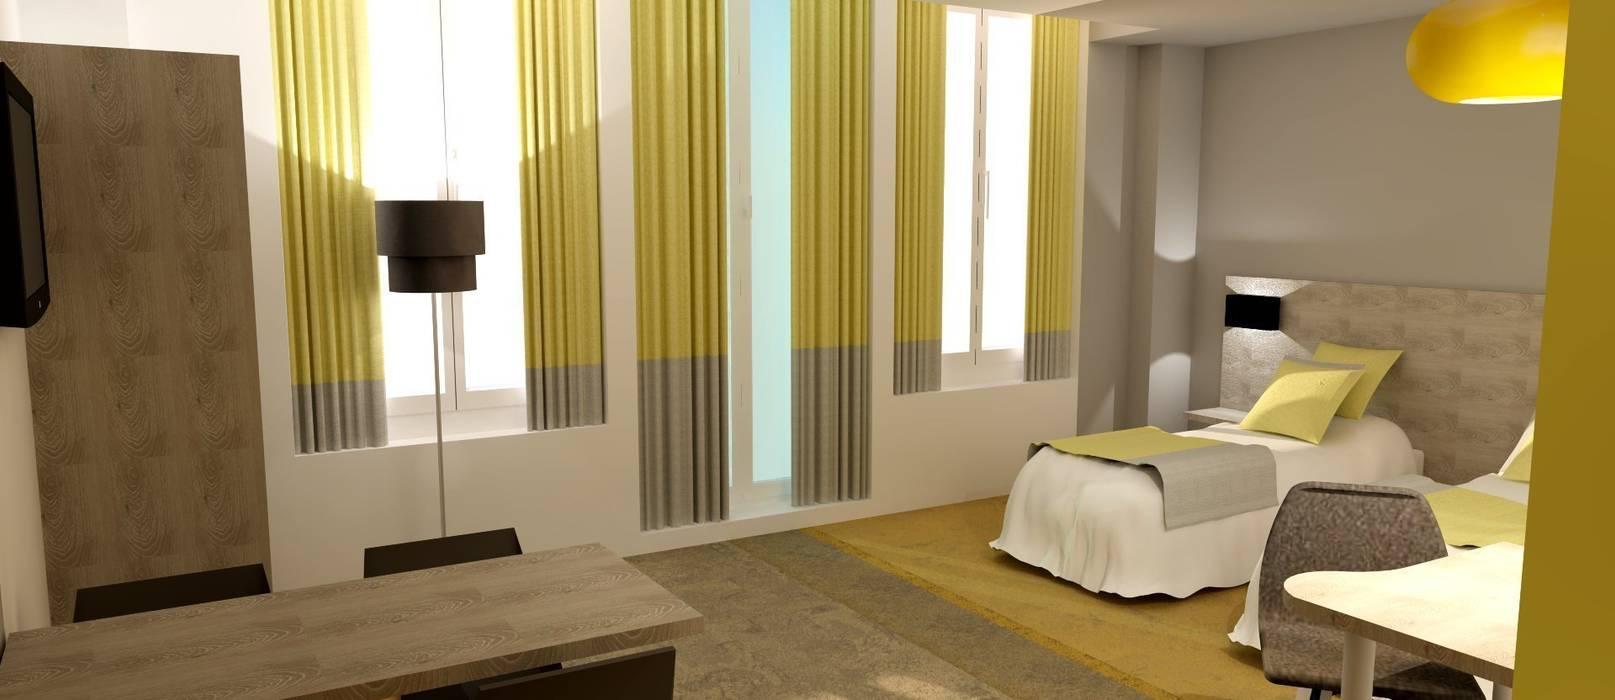 Chambre Twin: Hôtels de style  par HANNAH ELIZABETH INTERIOR DESIGN & CREATION